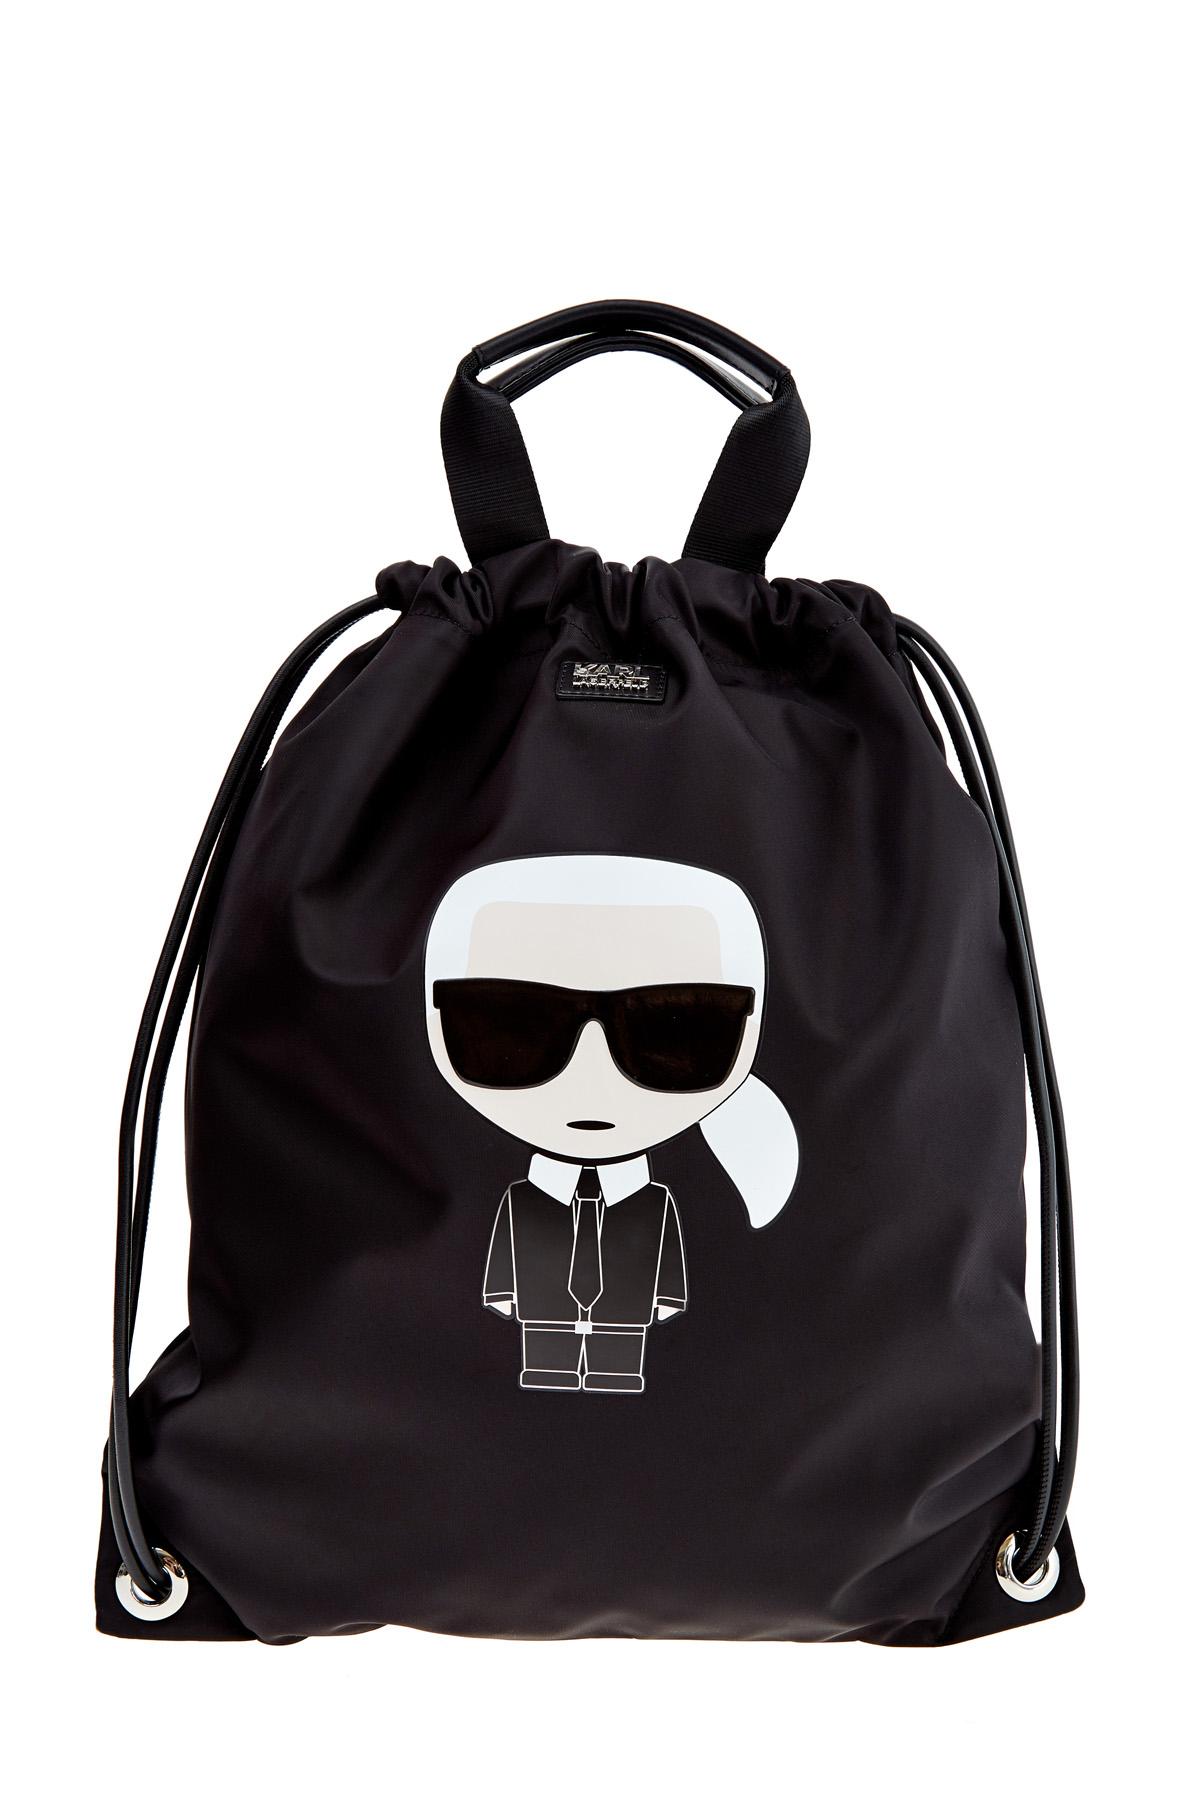 Купить Сумка-рюкзак K/Ikonik из нейлона с макро-аппликацией, KARL LAGERFELD, Италия, полиамид 97%, кожа 3%